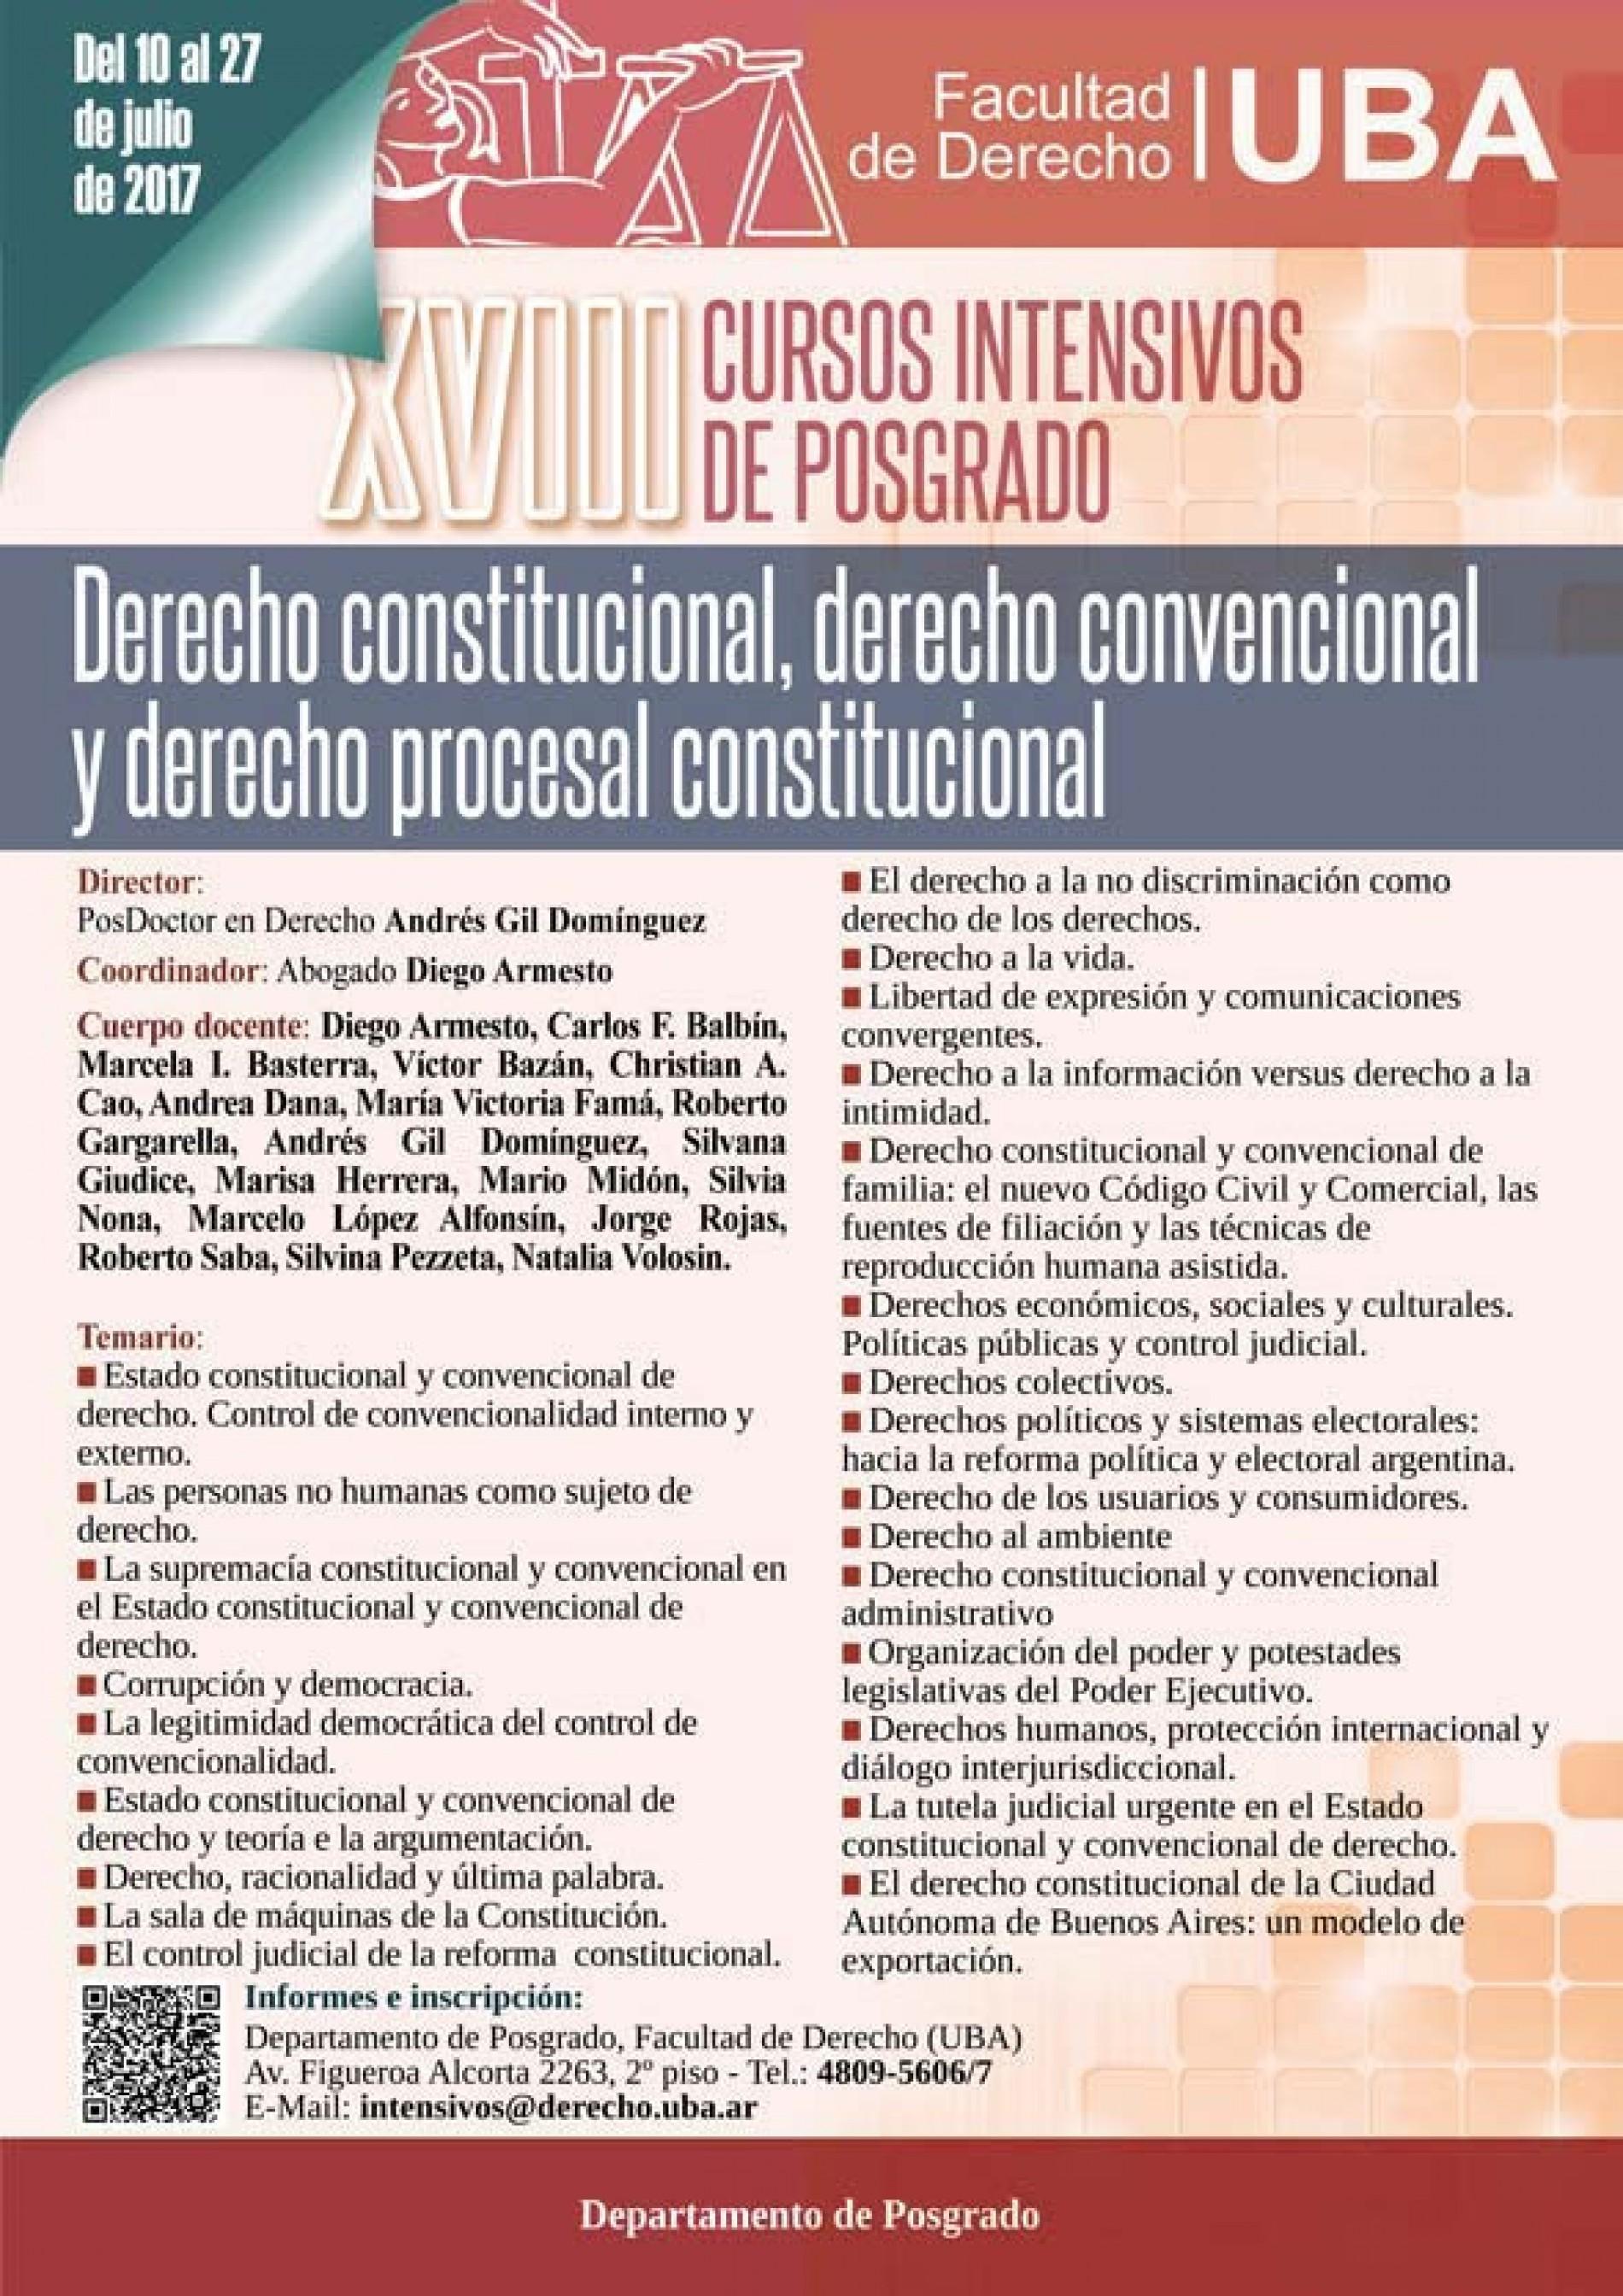 XVIII Cursos Intensivos de Posgrado: Derecho Constitucional, Derecho Convencional y Derecho Procesal Constitucional